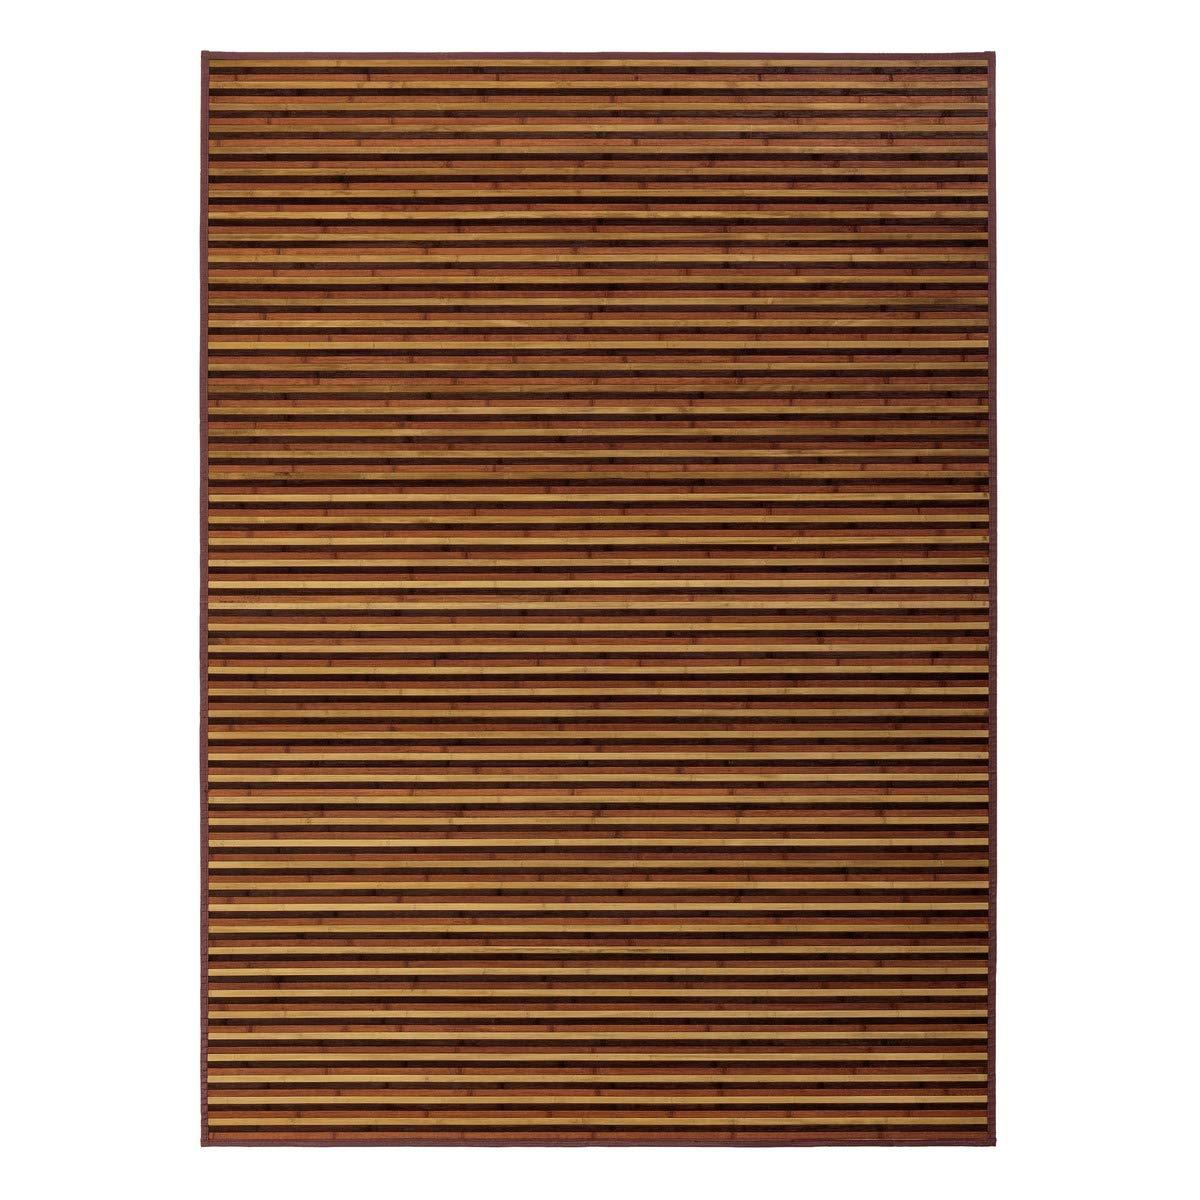 180 x 250 cm Alfombra de bamb/ú para sal/ón LOLAhome Arabia Marr/ón